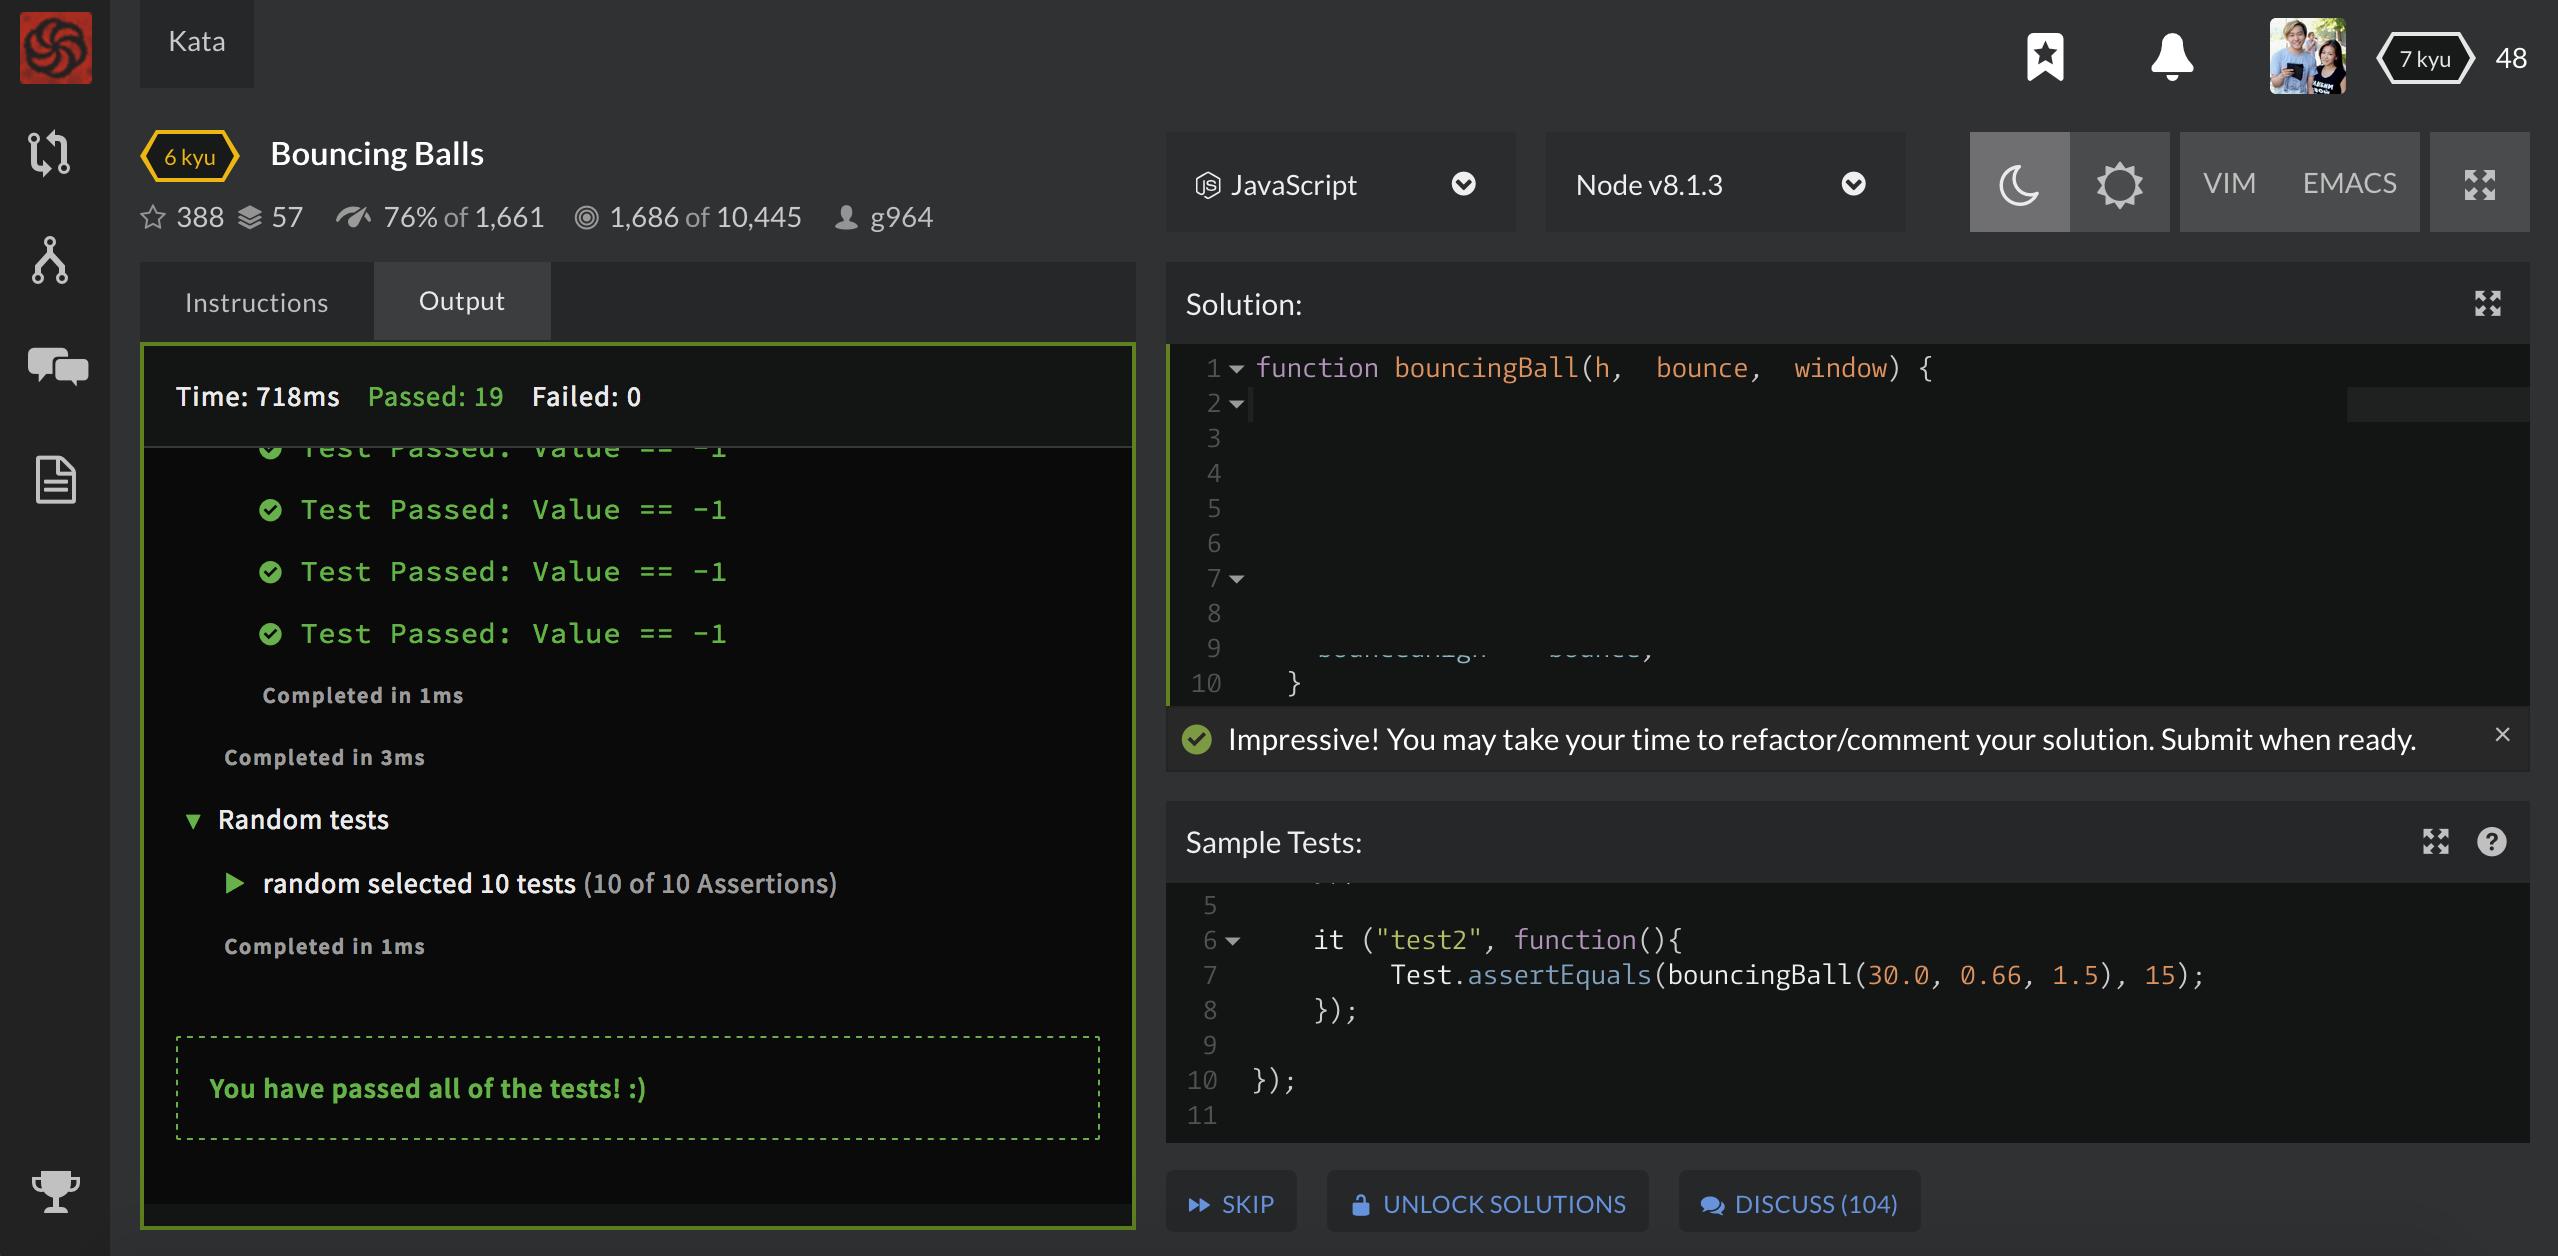 как выглядит kata в codewars?